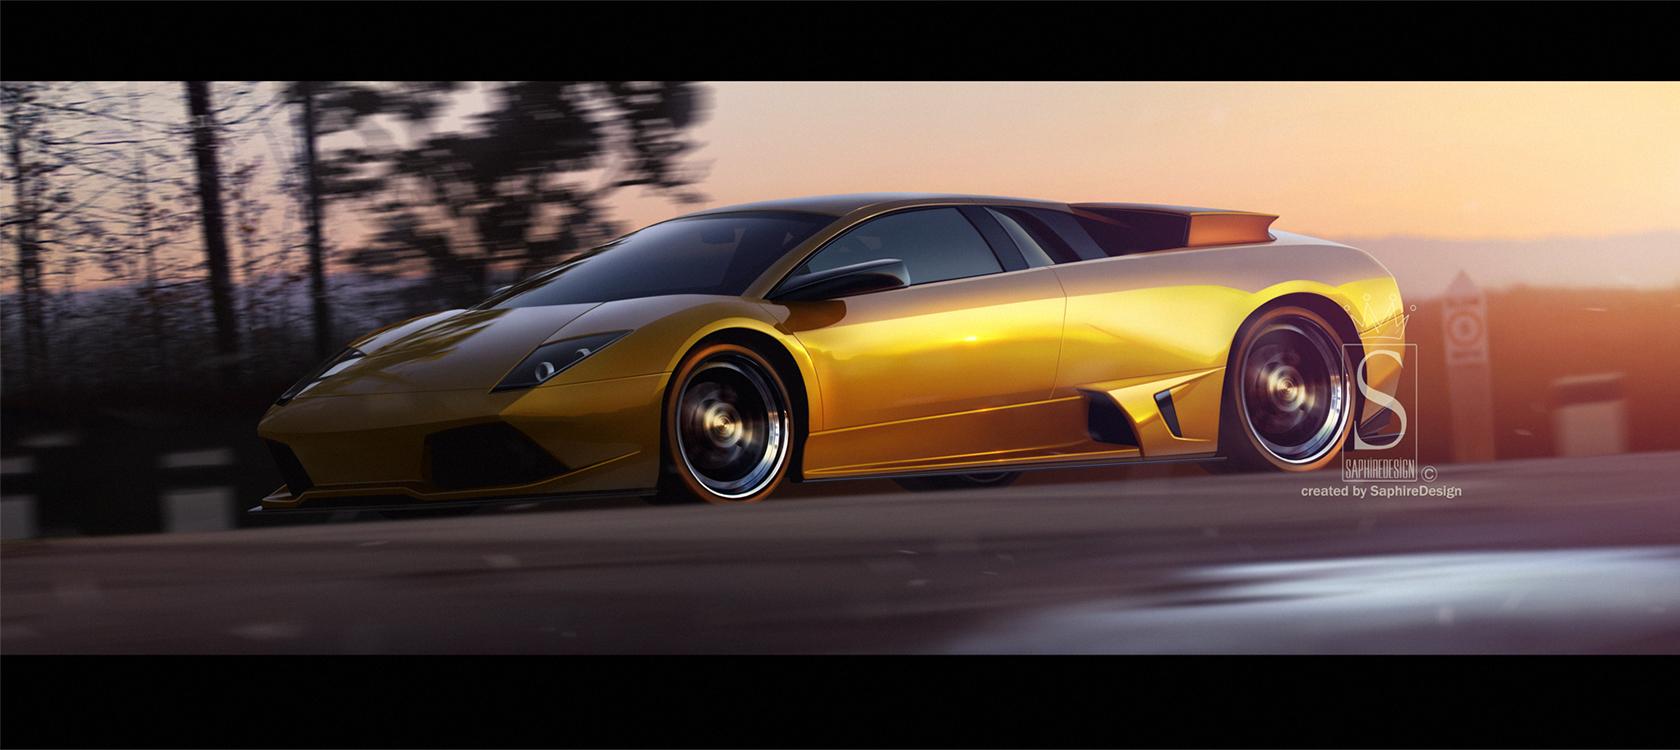 Lamborghini  murcielago LP640 by SaphireDesign